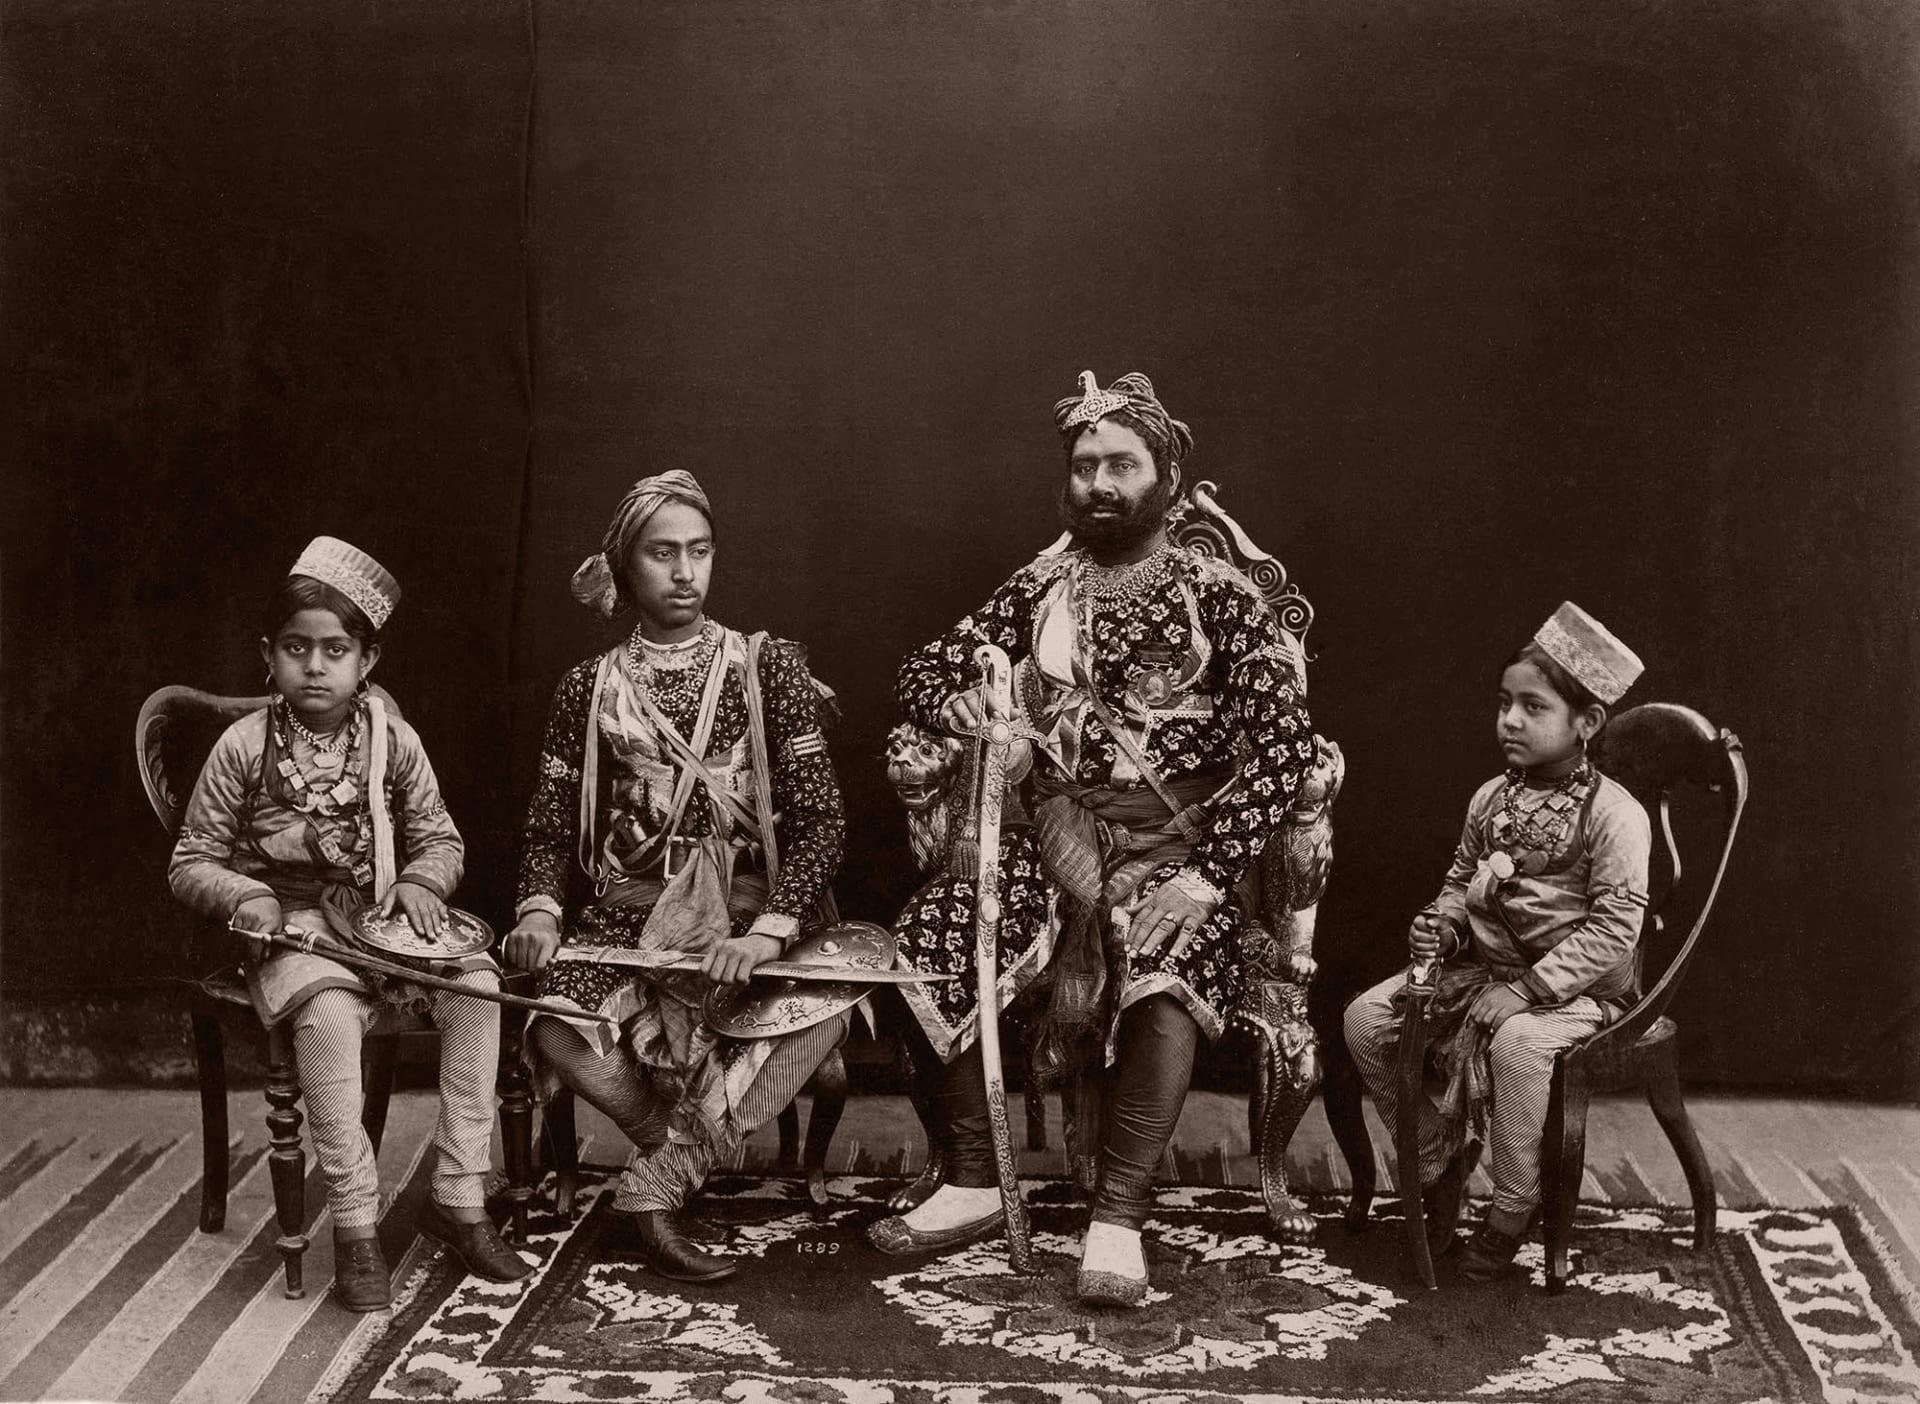 ما هو الجانب المظلم وراء هذه الصور النادرة للهند من القرن الـ19؟